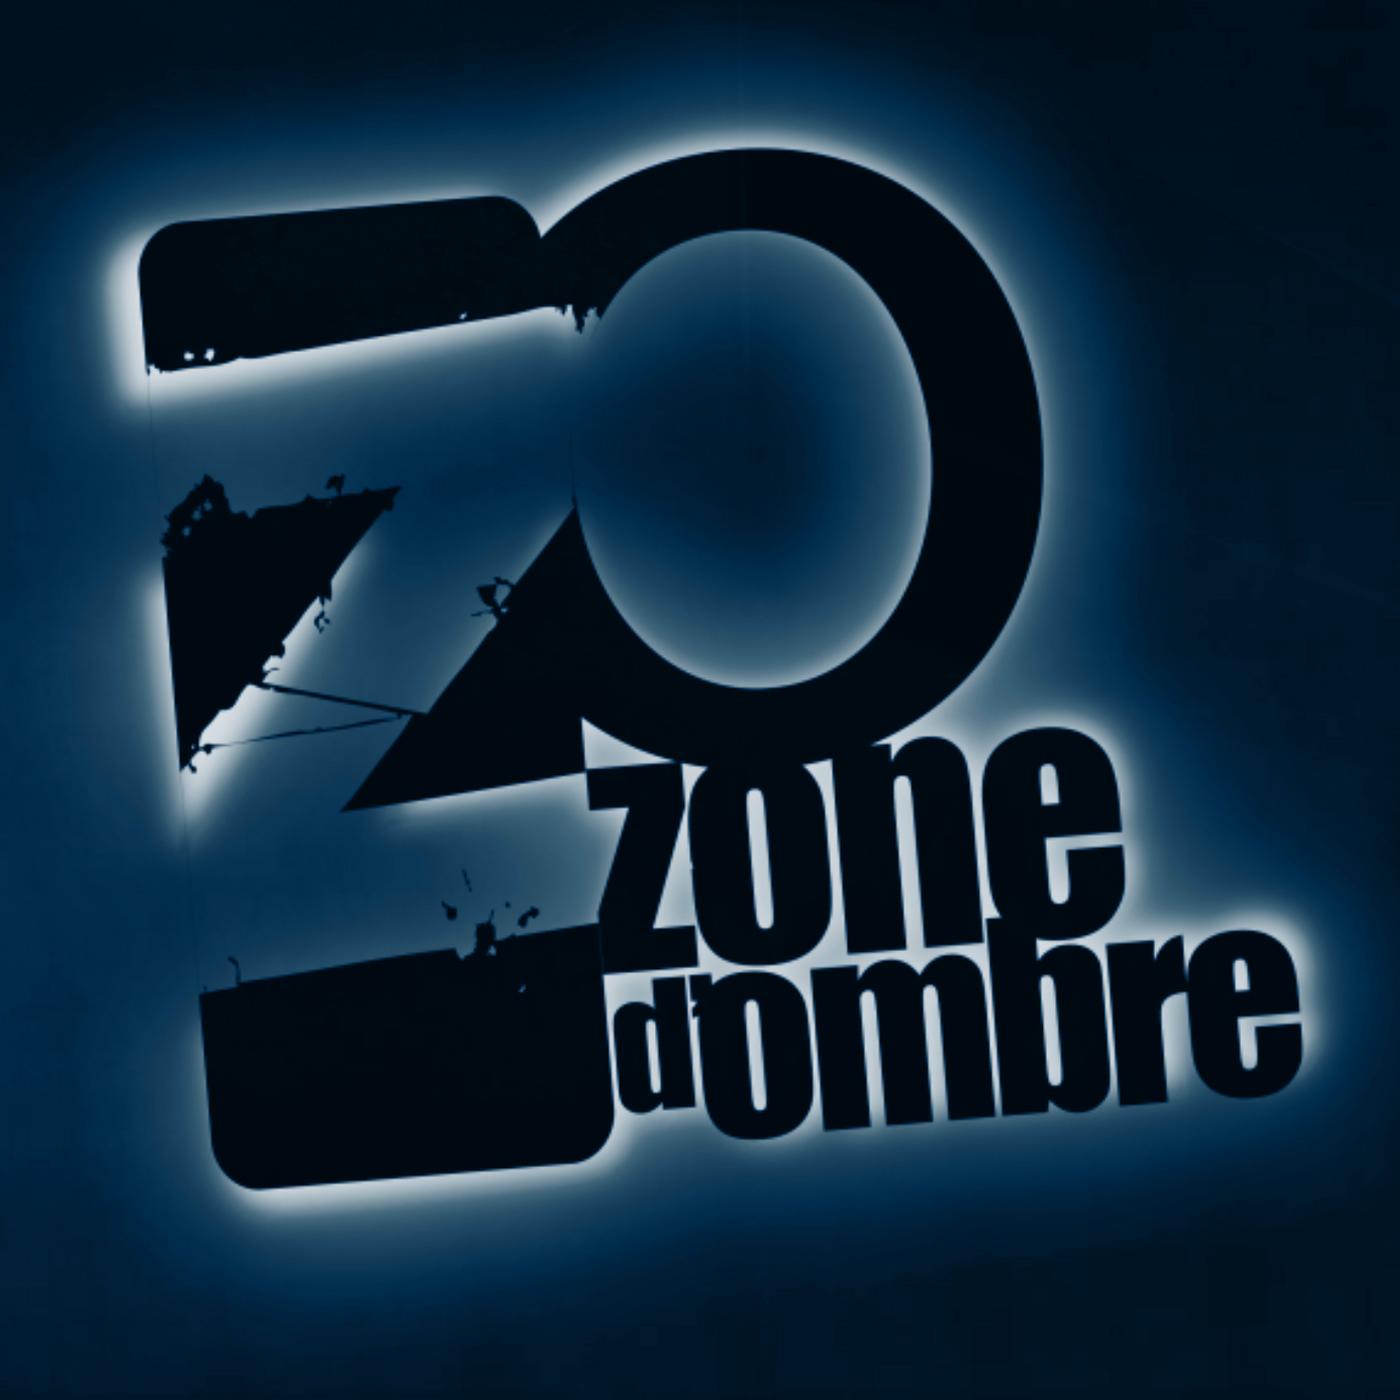 Zone d'ombre - RTS Un